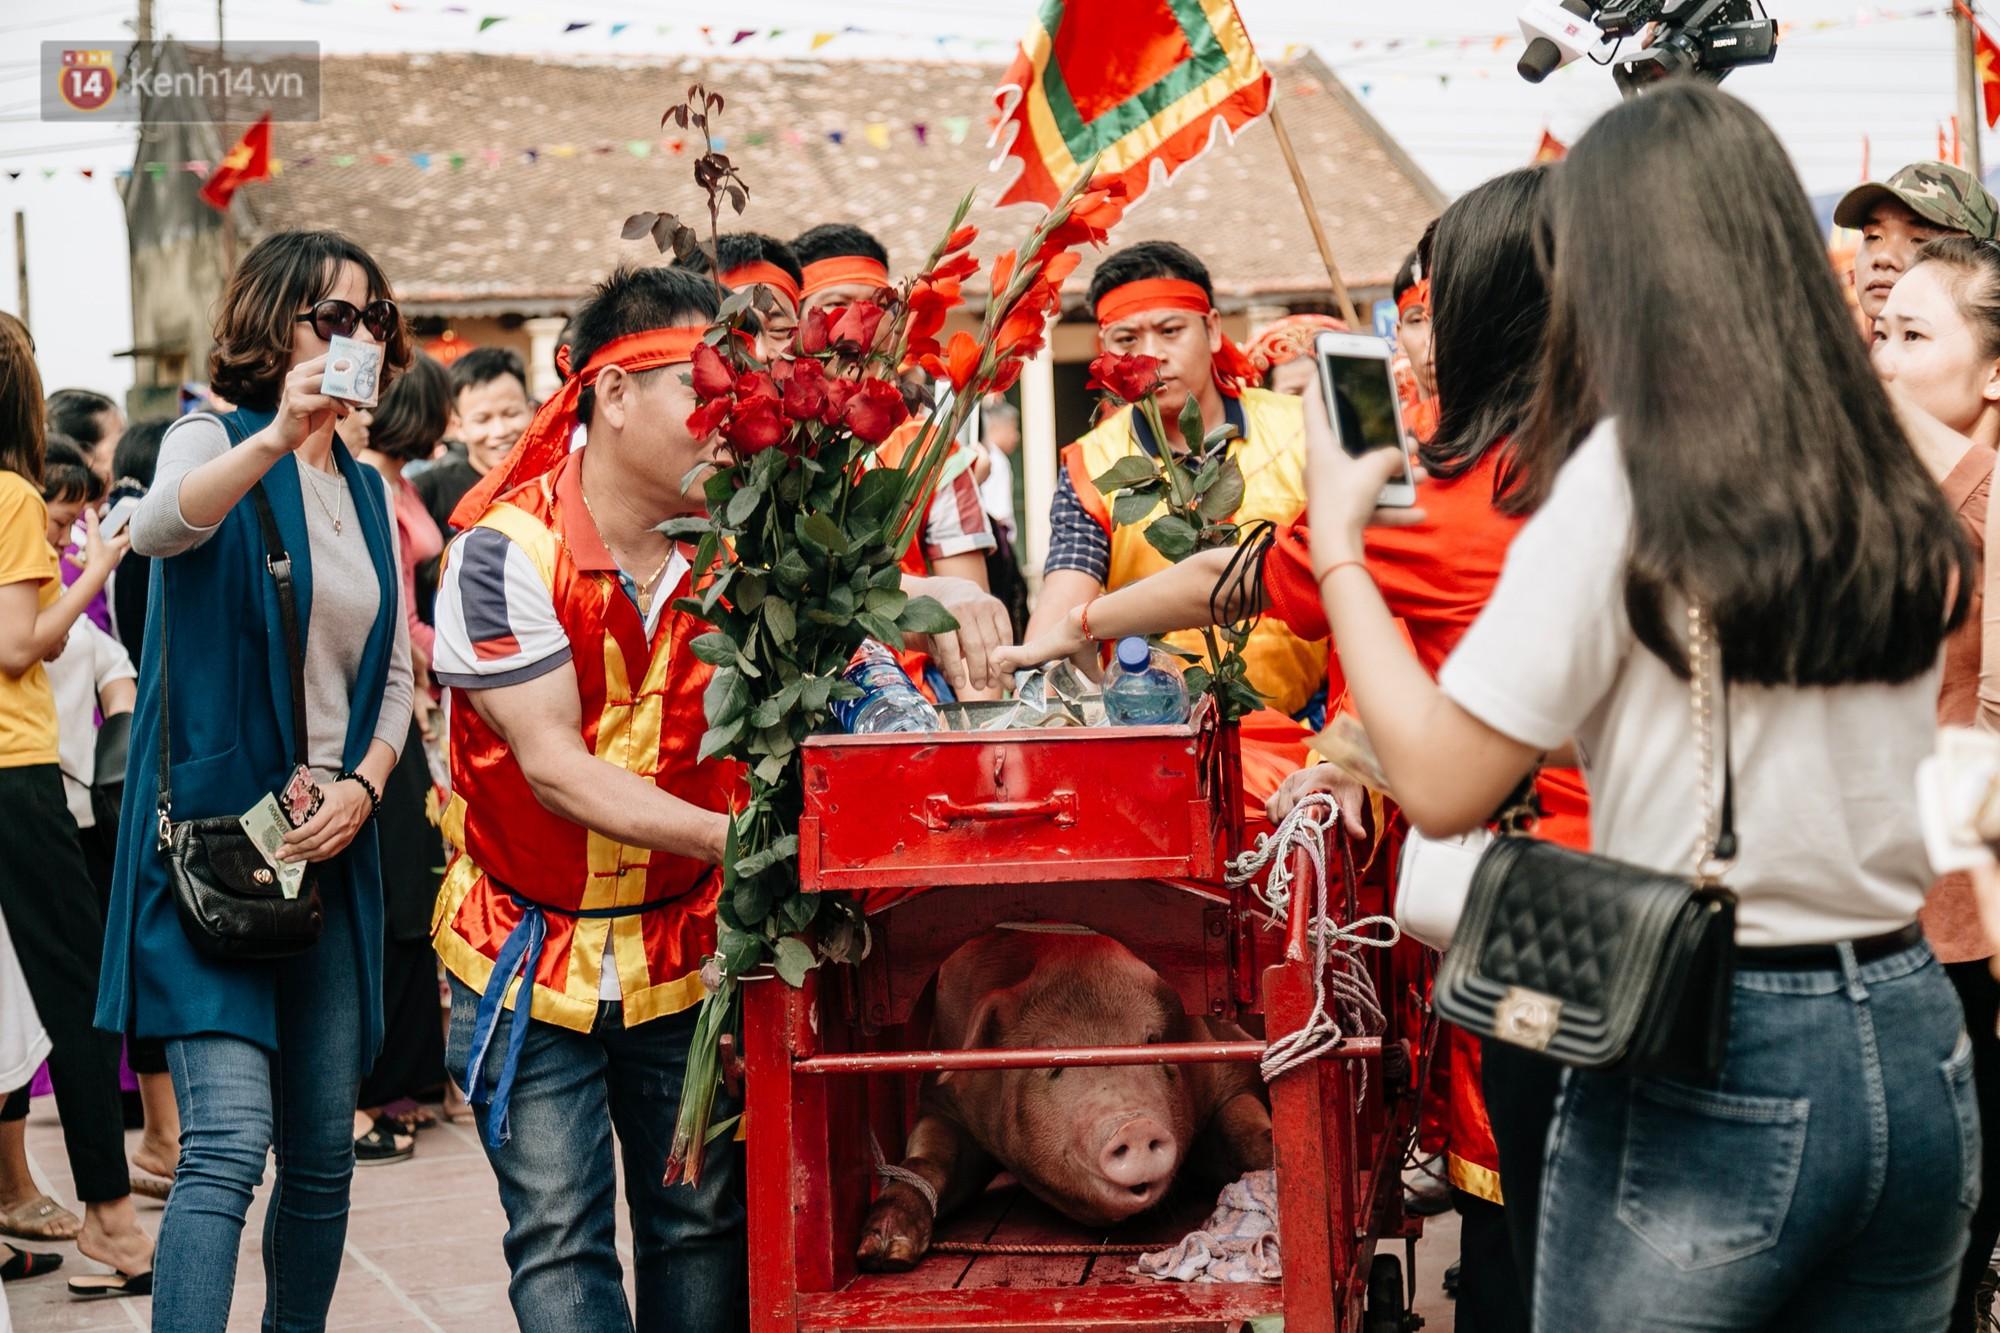 Ảnh, clip: Hàng trăm người dân tập trung chứng kiến nghi lễ chém lợn kín ngày đầu năm, máu 2 ông Ỉn chảy lênh láng - Ảnh 8.